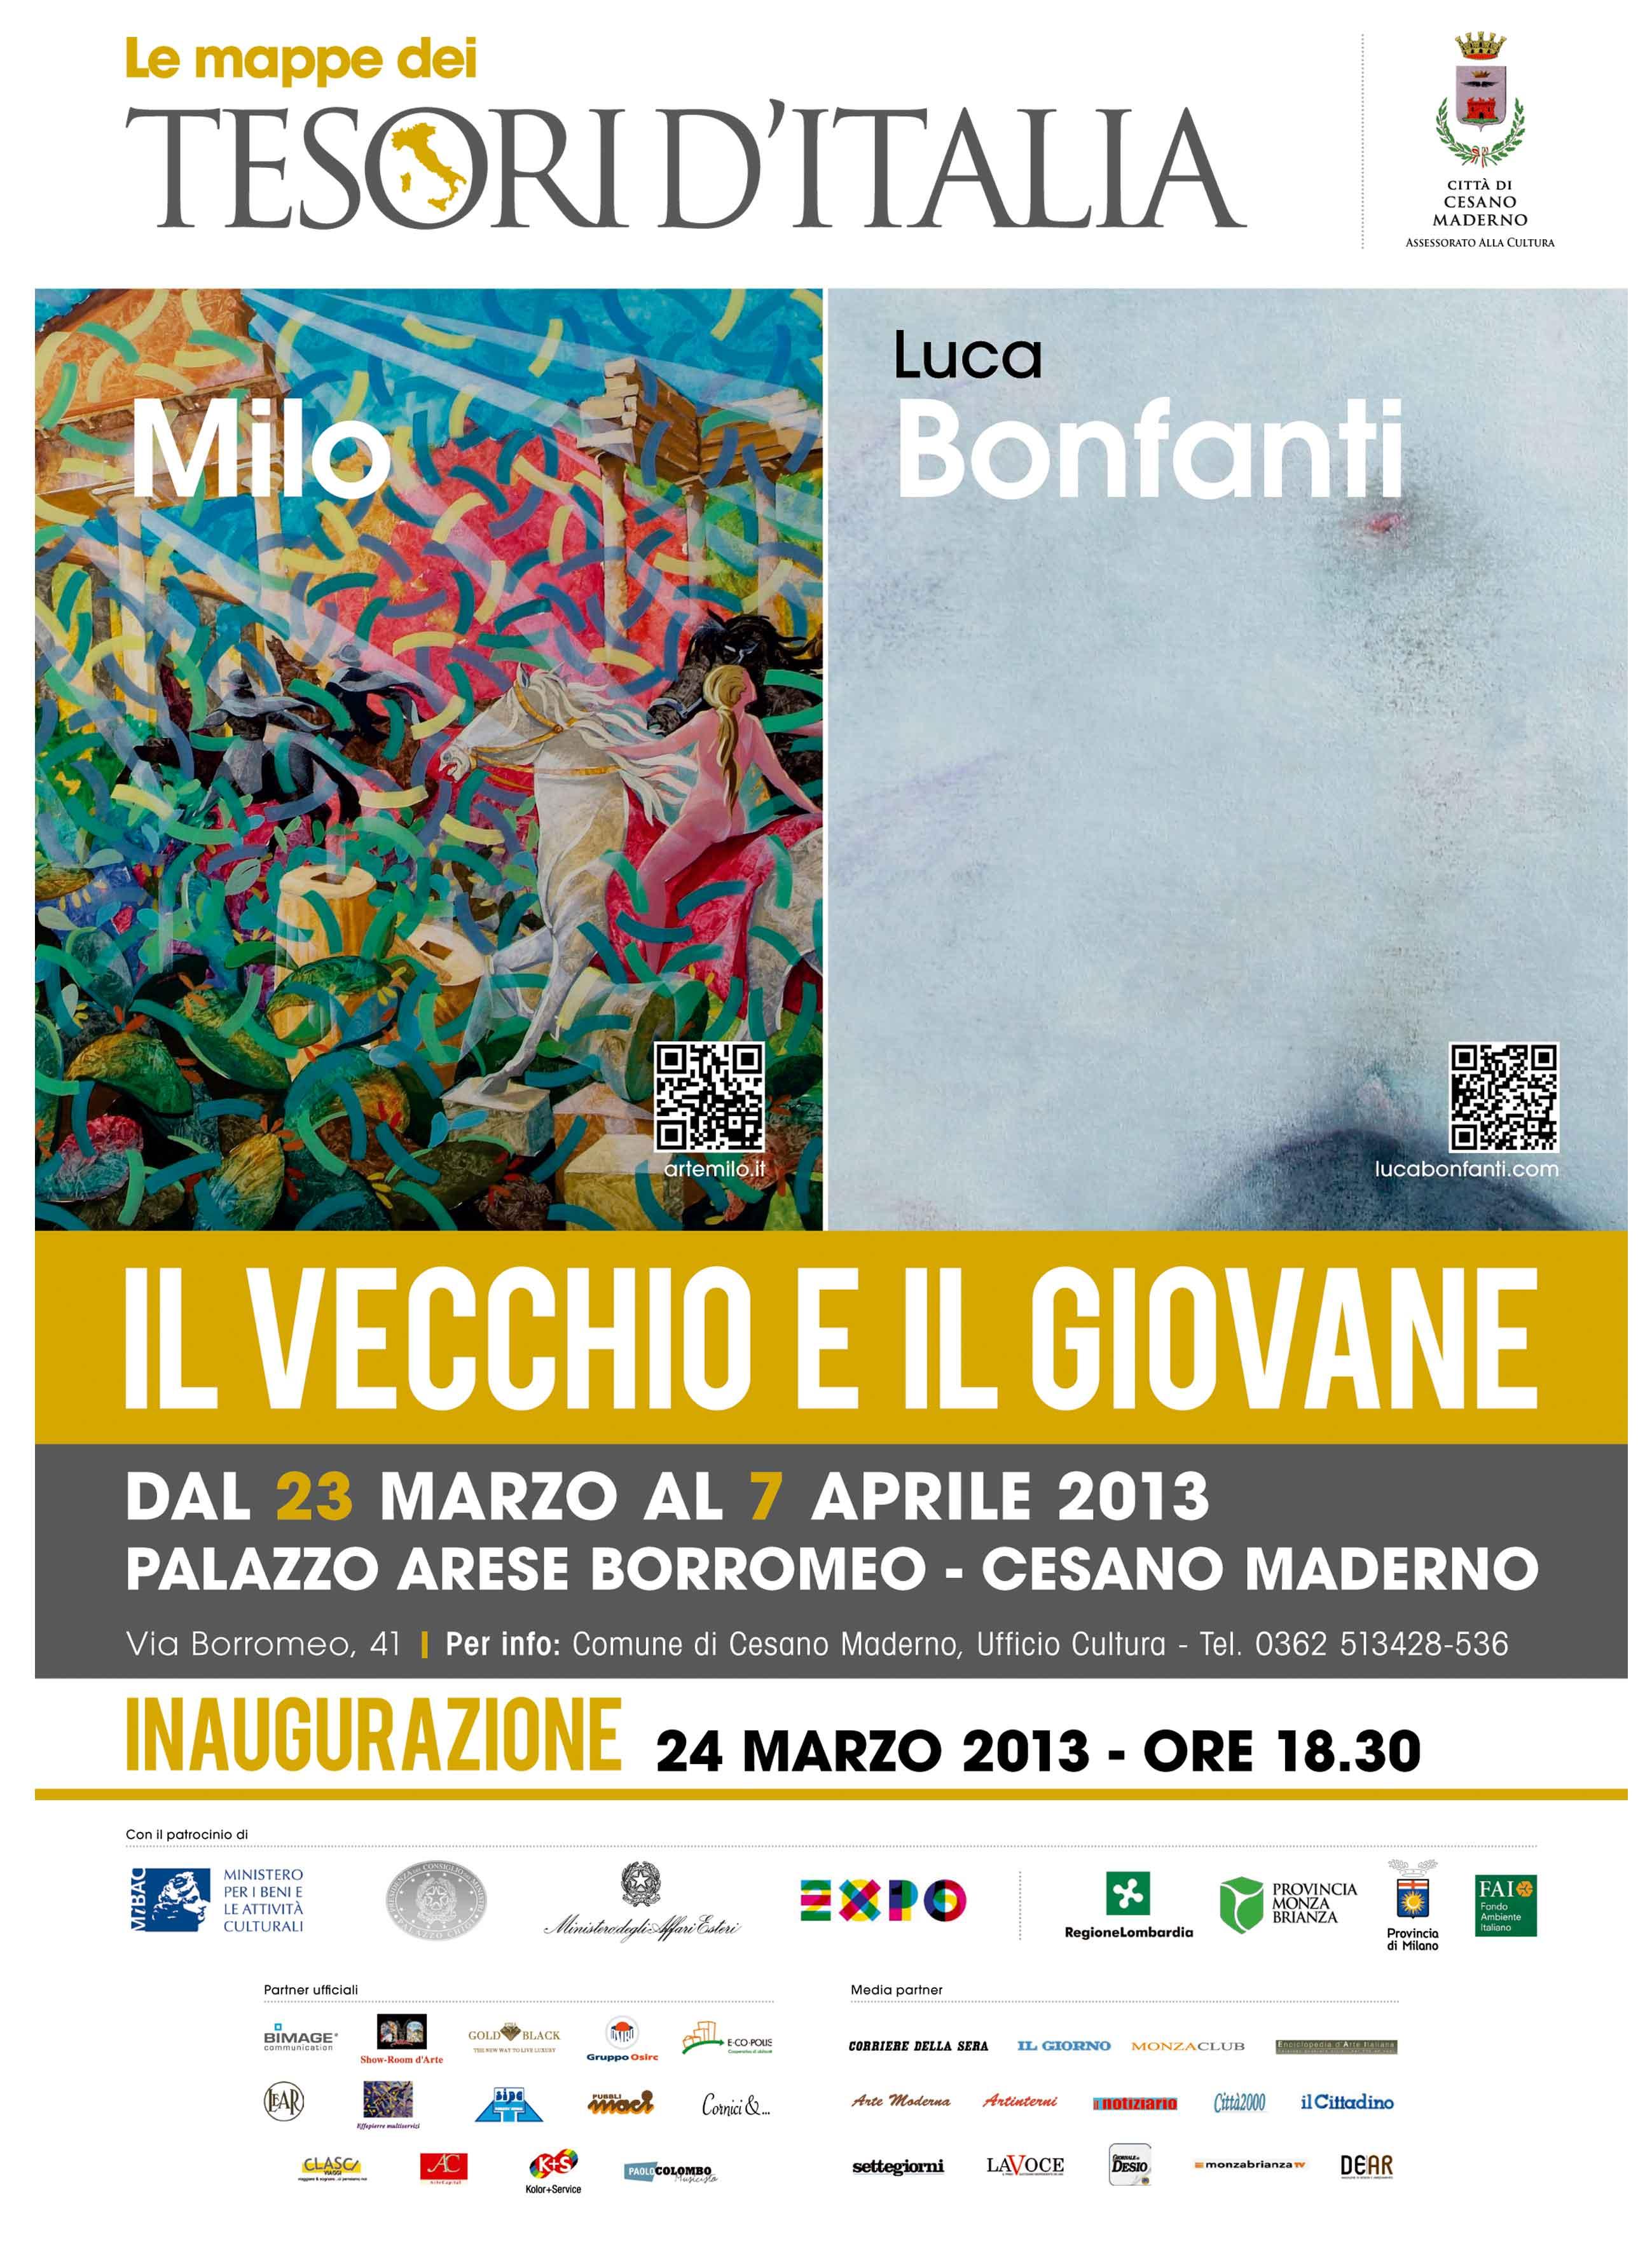 50 opere d'arte di Milo Lombardo e Luca Bonfanti a Milano